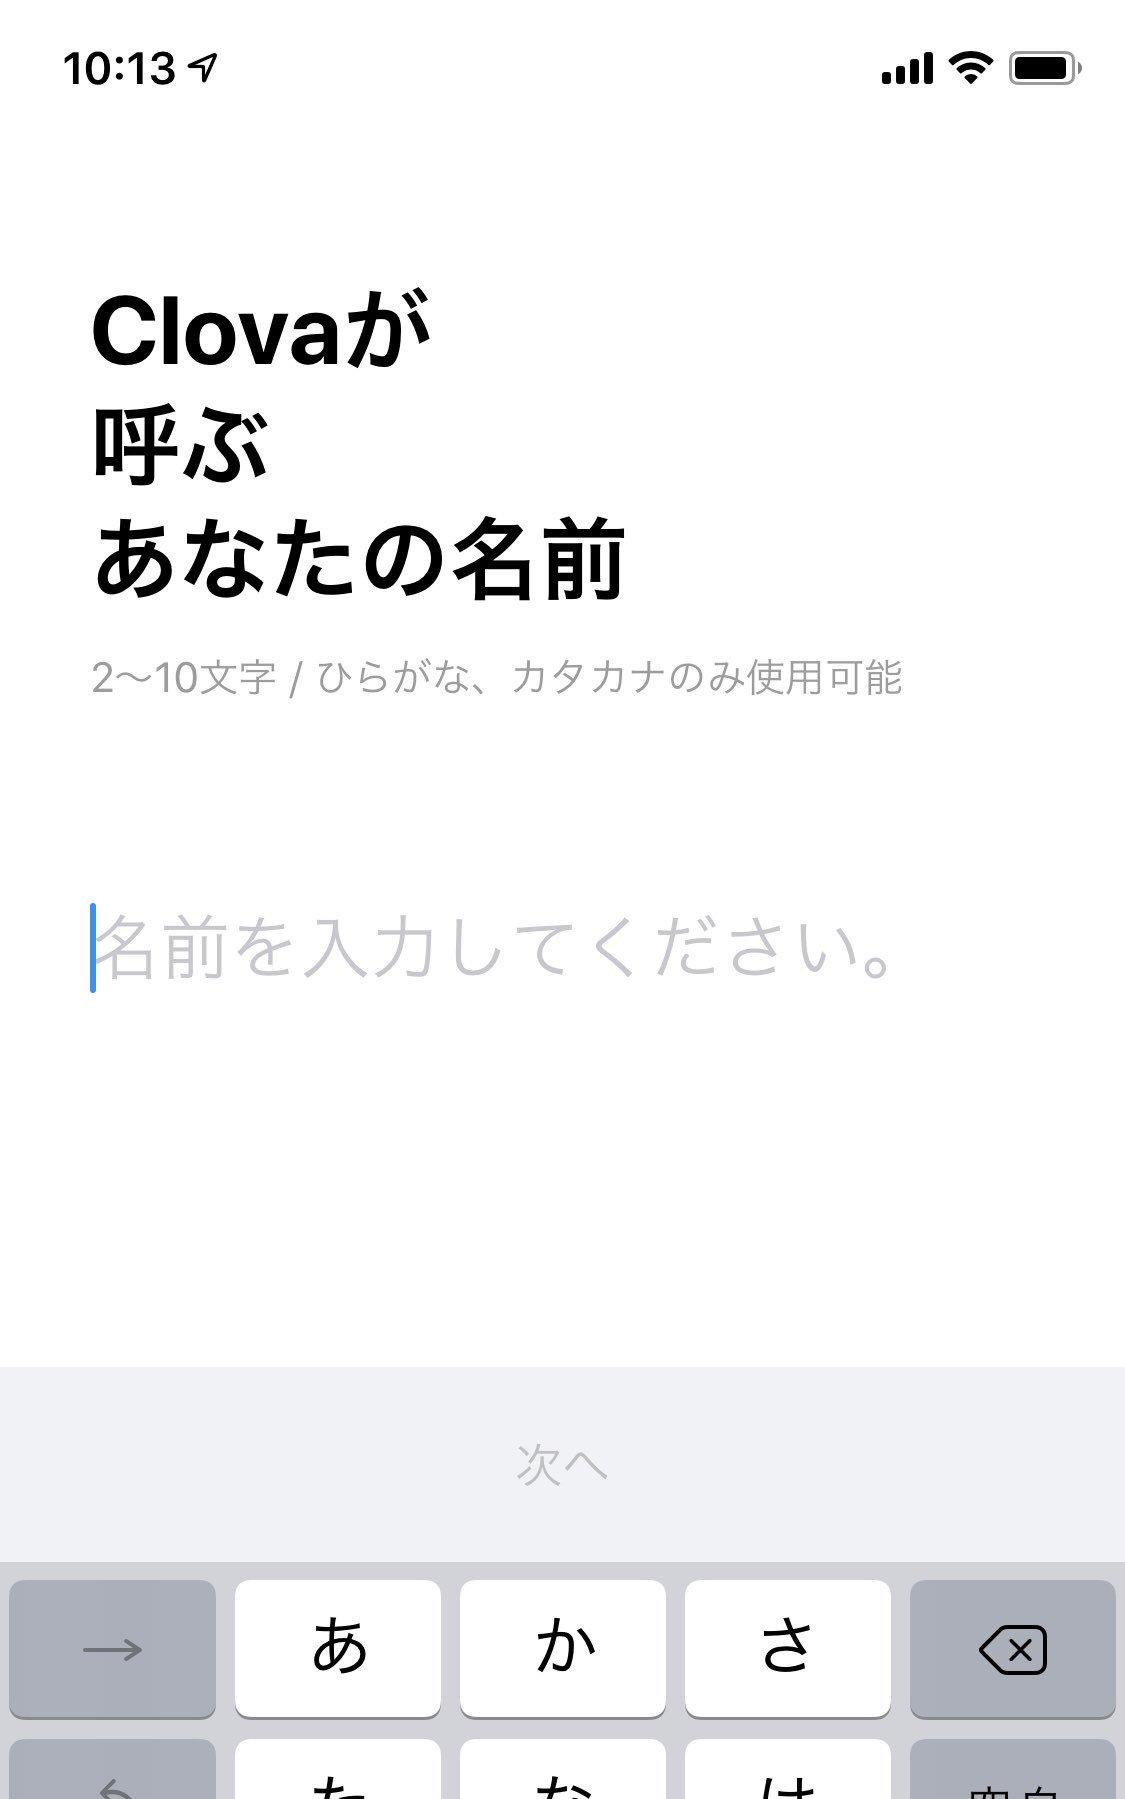 ひさびさに LINE Clova アプリを起動したら名前の入力を強要されてしまう。キャンセル不可。。。 https://t.co/B8mXfkBXCa